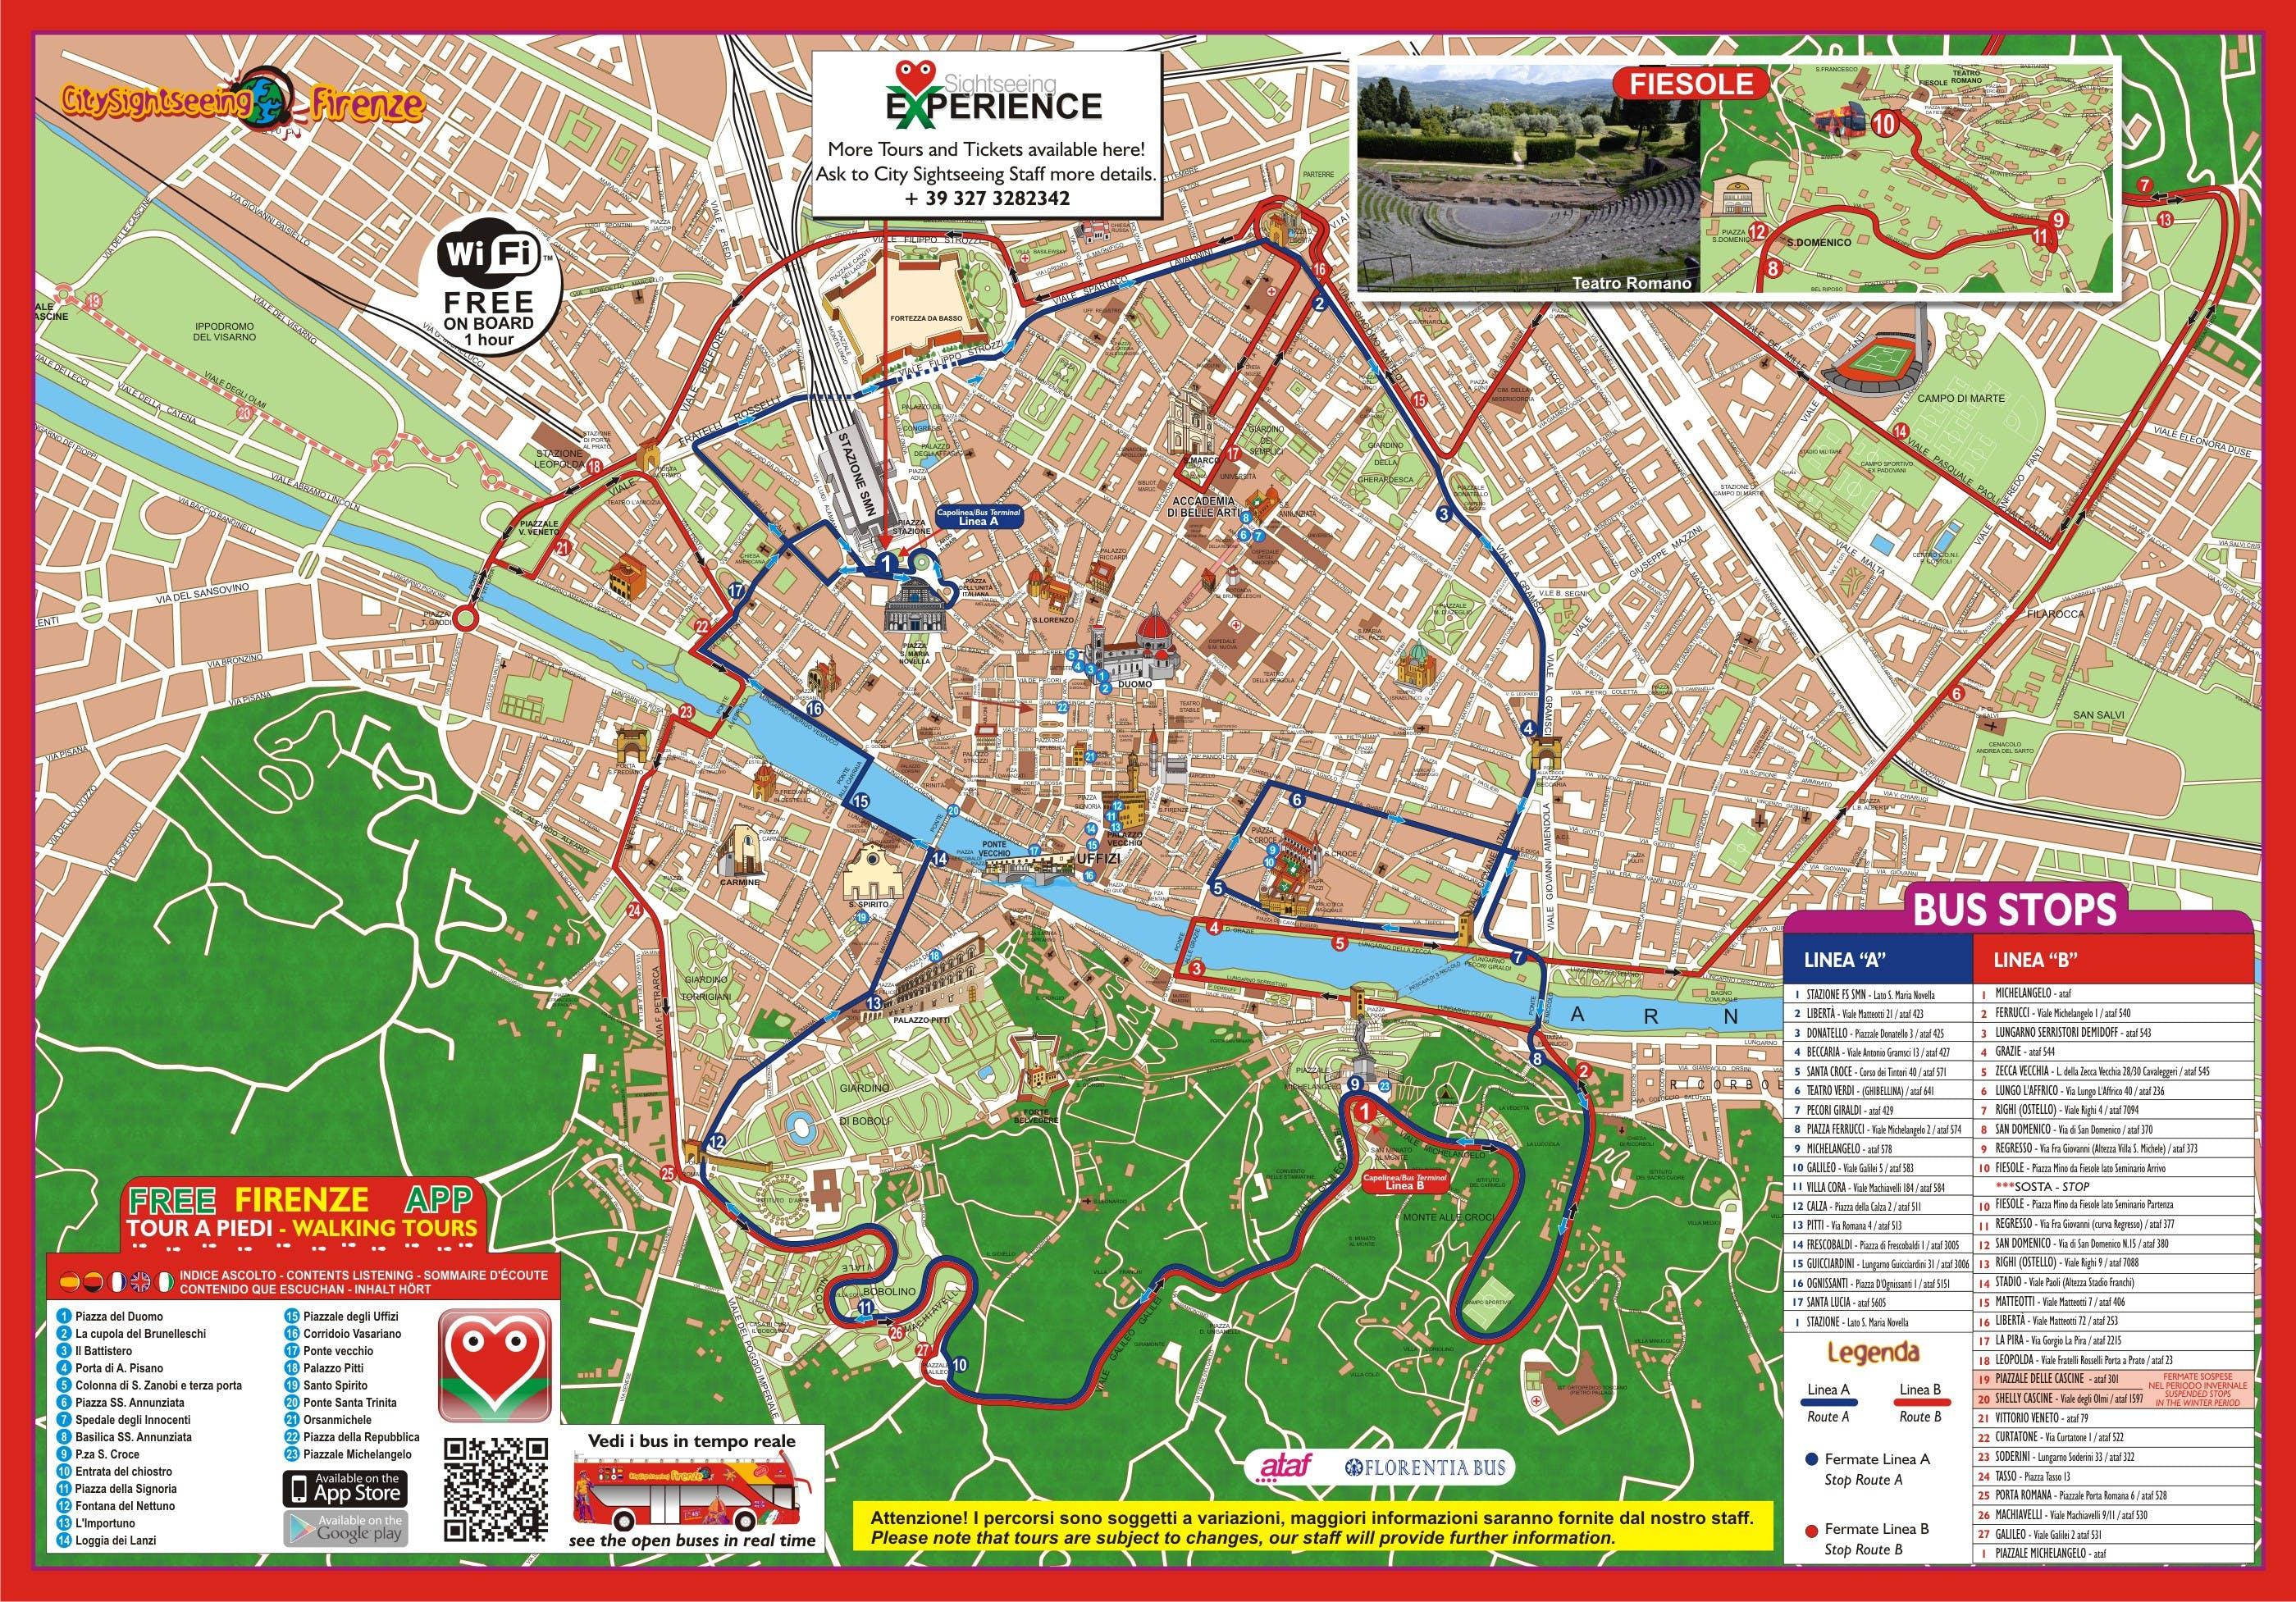 mappa_firenze_invernale-2018-internet..jpg